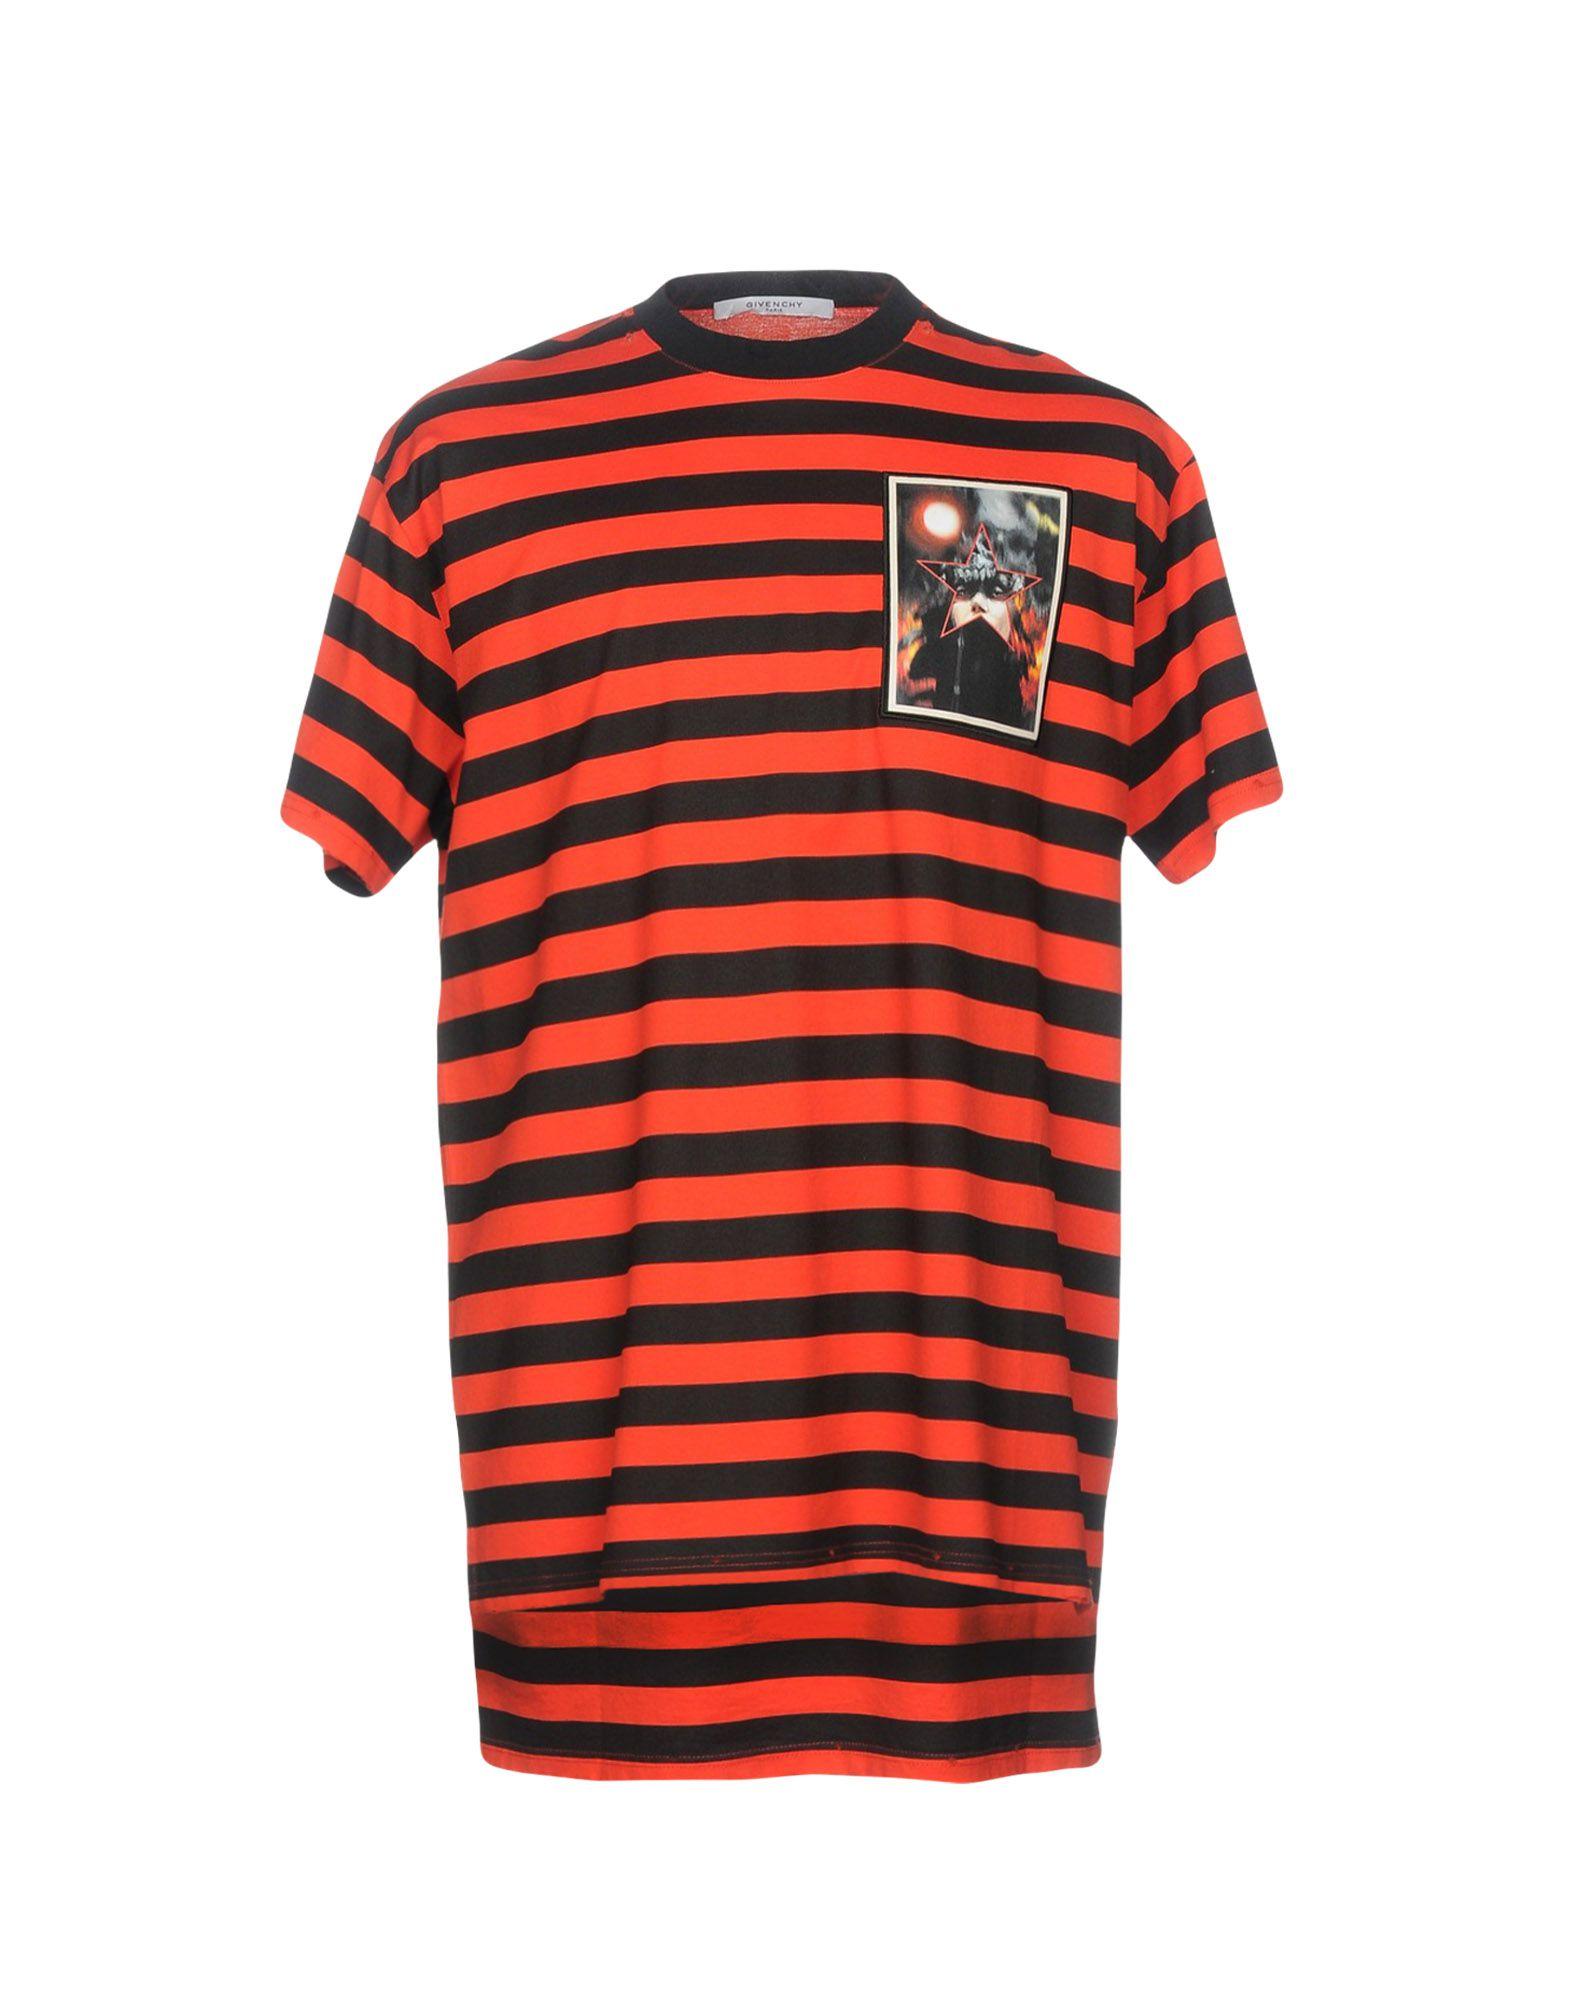 T-Shirt Givenchy herren - 12163125TE